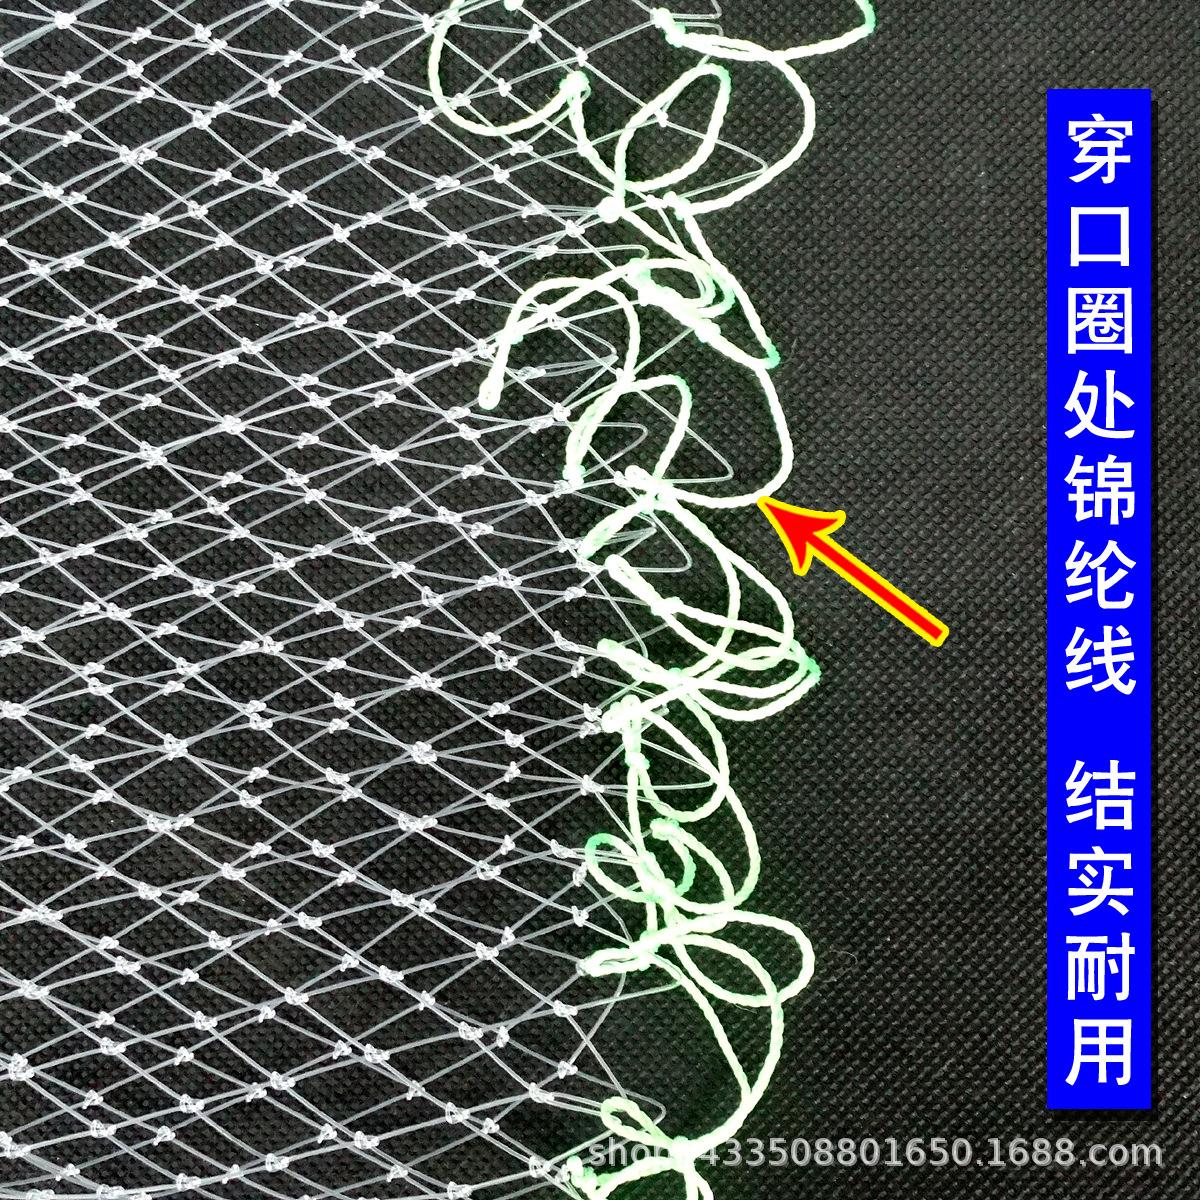 钓鱼线抄网头 手工编织大鱼网兜 矶钓抄网 渔网渔具厂家定制批发